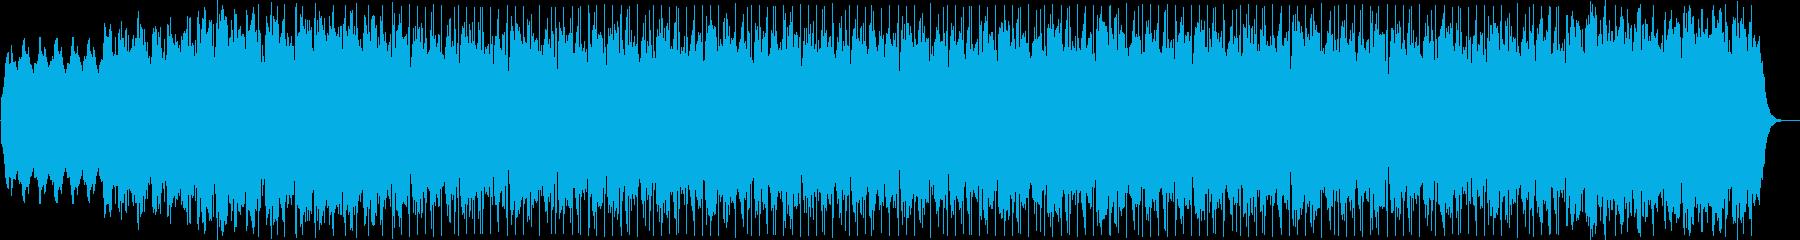 美しいループのシリアスなテクノ音の再生済みの波形